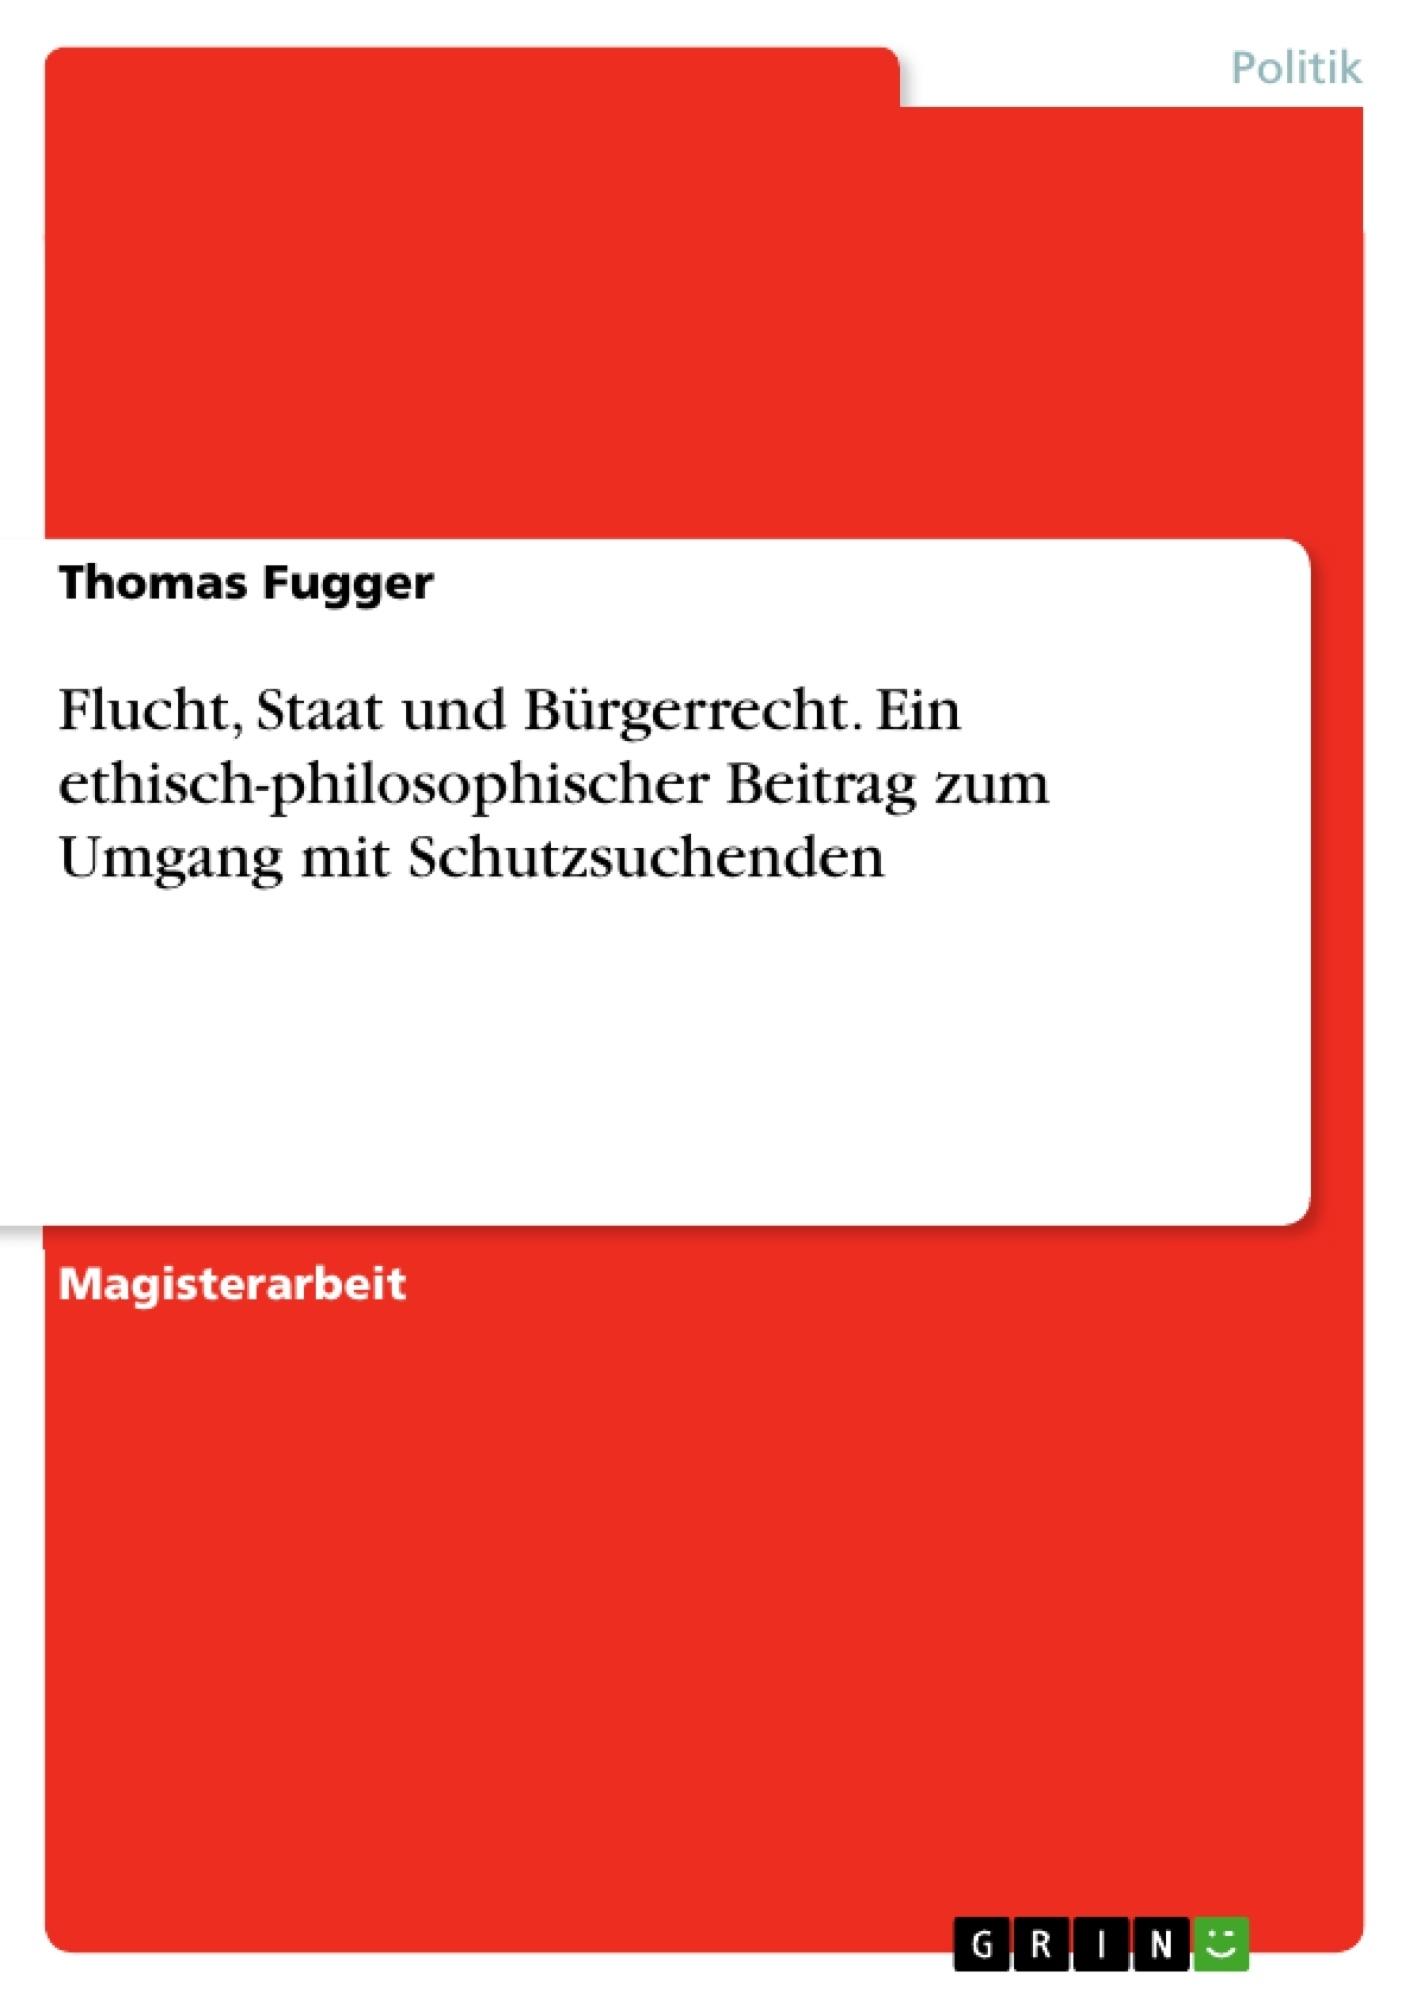 Titel: Flucht, Staat und Bürgerrecht. Ein ethisch-philosophischer Beitrag zum Umgang mit Schutzsuchenden